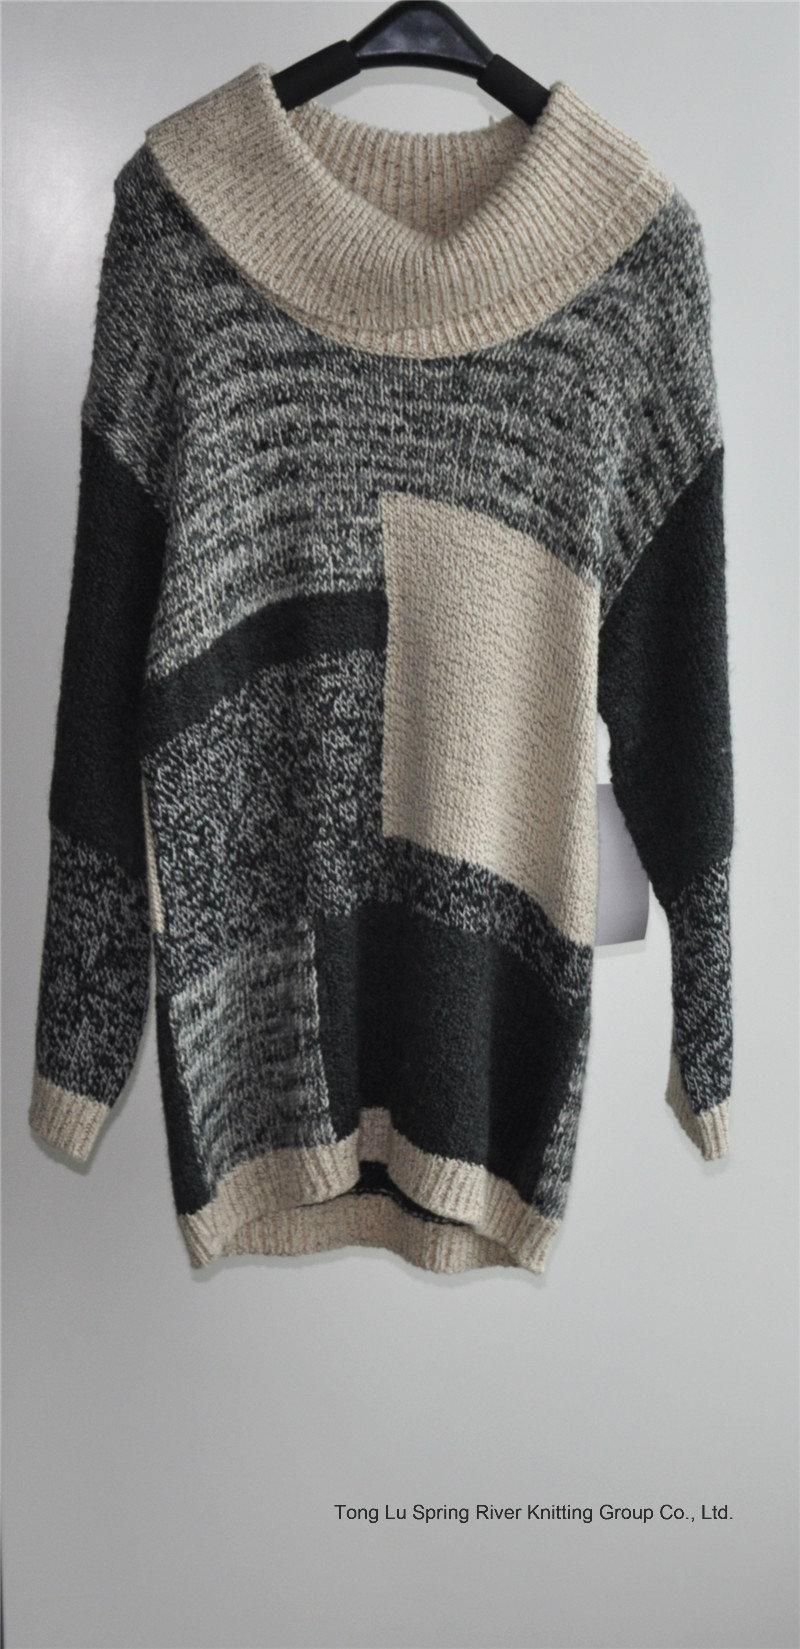 Winter Women Long Sleeve Patterned Knit Fit Sweater